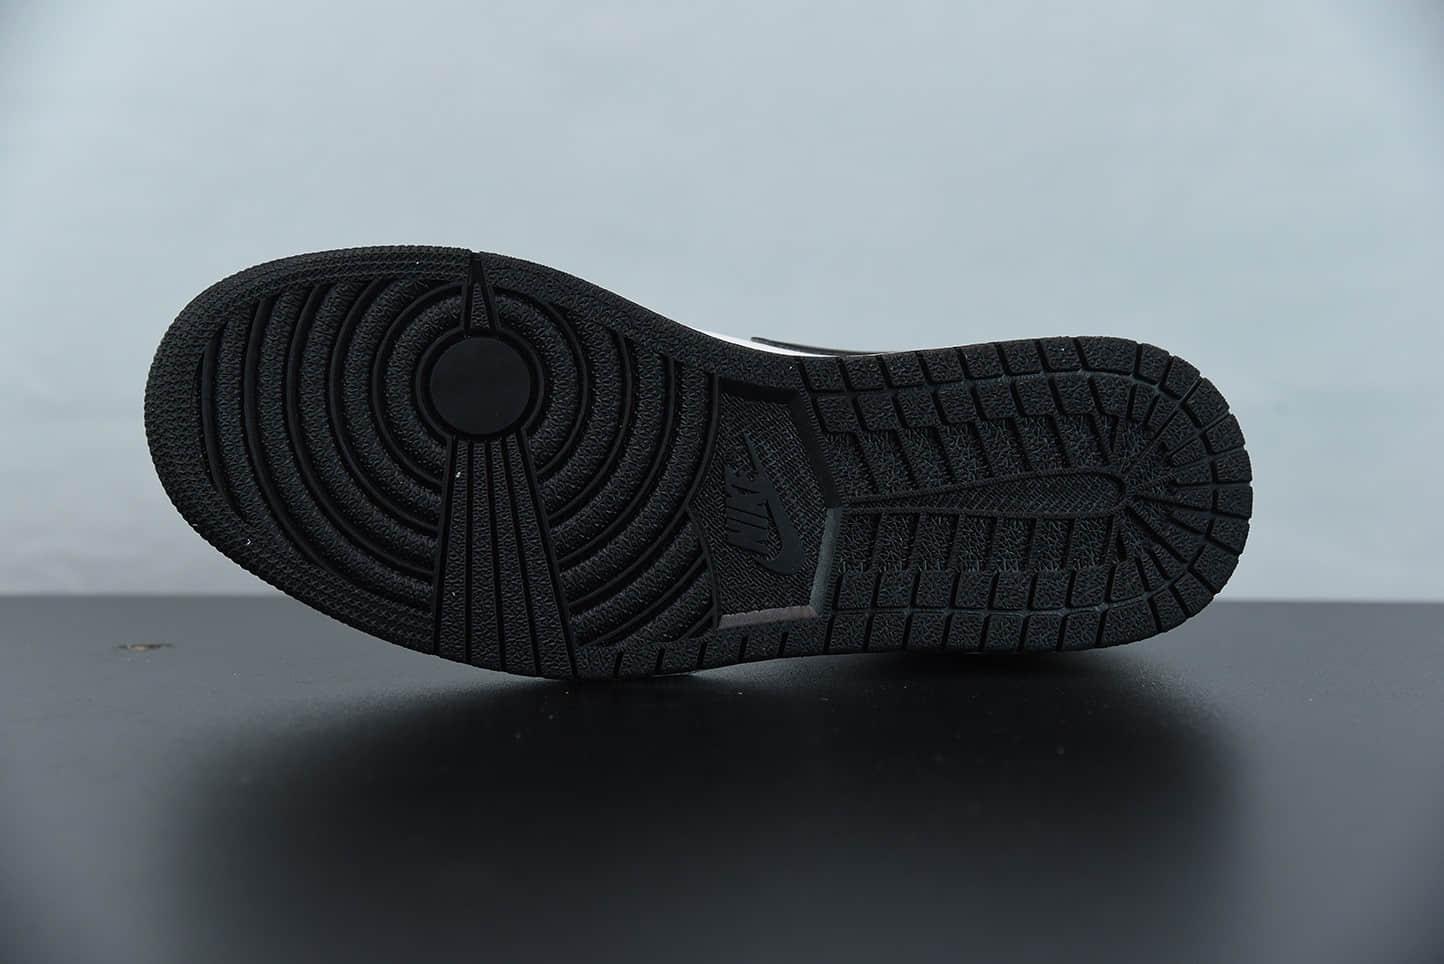 乔丹Air Jordan 1 Mid Metallic Gold液态金中帮文化篮球鞋纯原版本 货号:DC1420-700